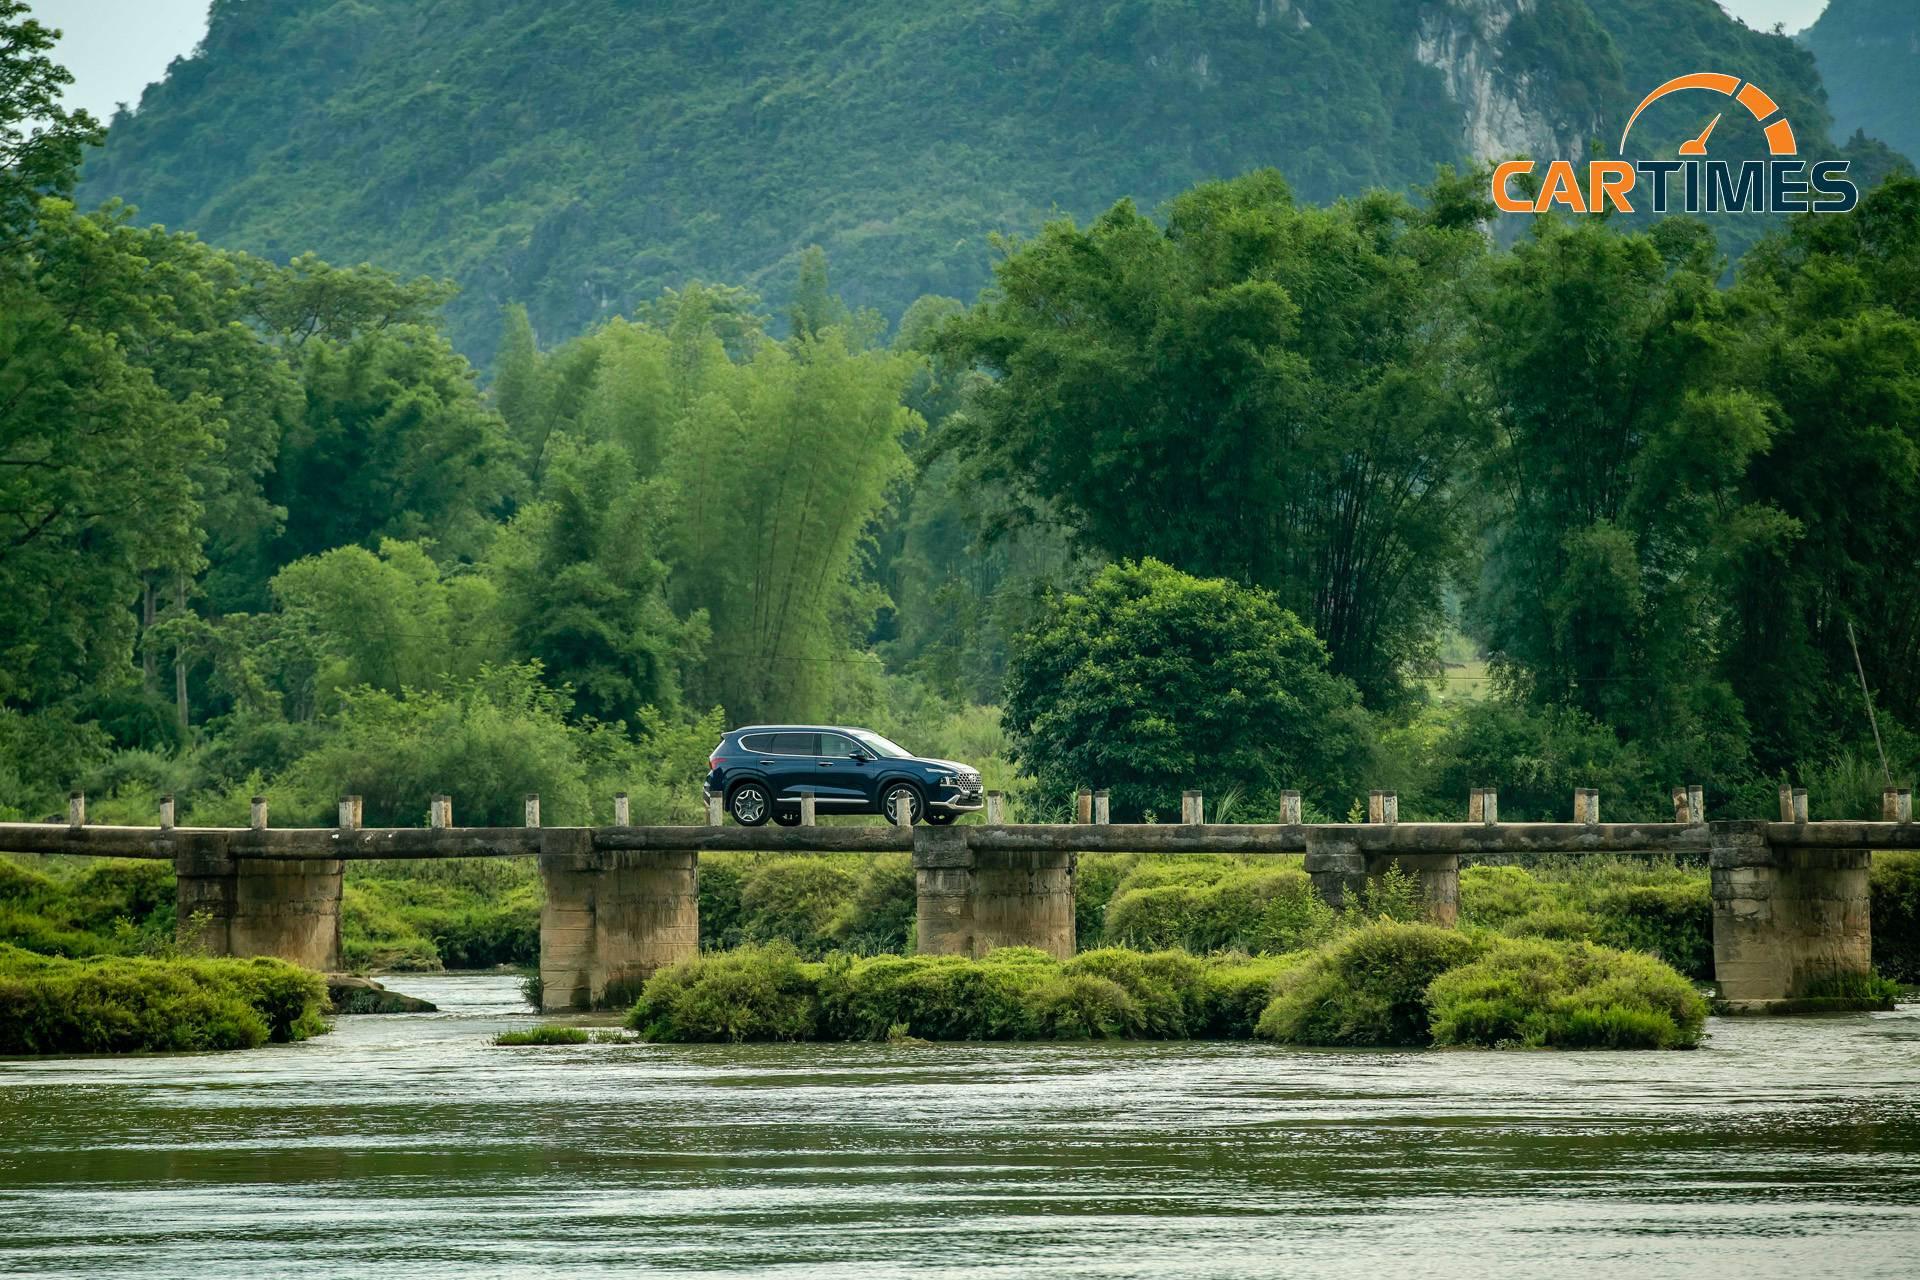 Hệ thống an toàn nhiều vừa là ưu điểm cũng là điểm cần tối ưu của Hyundai Santa Fe 2021